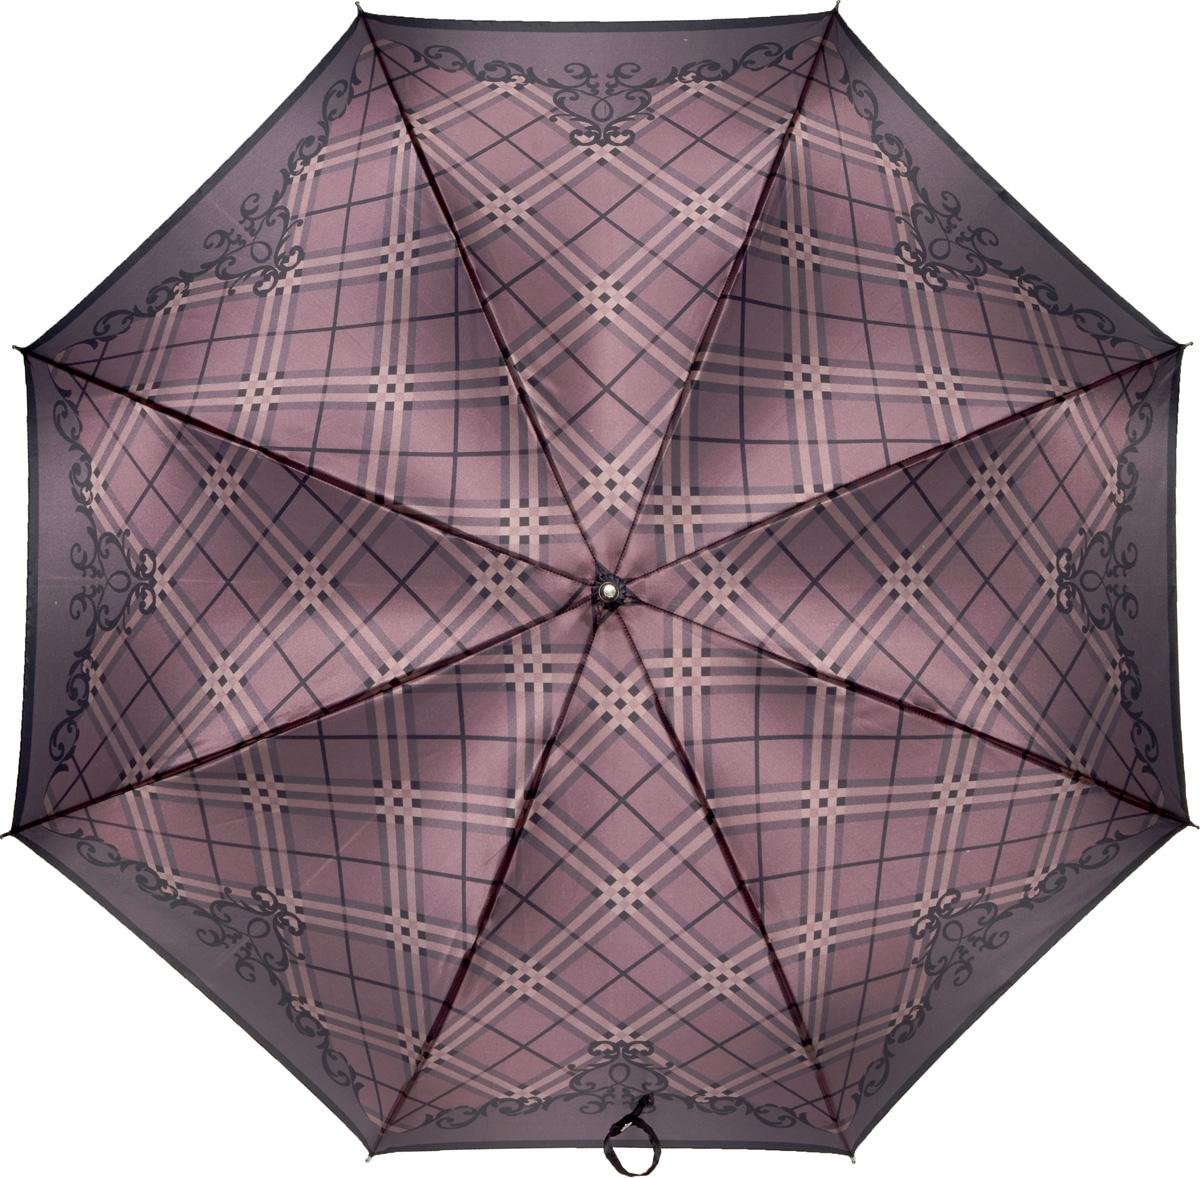 Зонт-трость женский Fabretti, механика, цвет: фиолетовый. 1602REM12-CAM-GREENBLACKЖенский зонт-трость от итальянского бренда Fabretti. Конструкция модели - механика. Эксклюзивный дизайнерский принт зонта сделает вас неотразимыми в любую непогоду! Материал купола - полиэстер. Он невероятно изящен, приятен на ощупь, обладает высокой прочностью, а также устойчив к выцветанию. Эргономичная ручка сделана из высококачественного пластика!